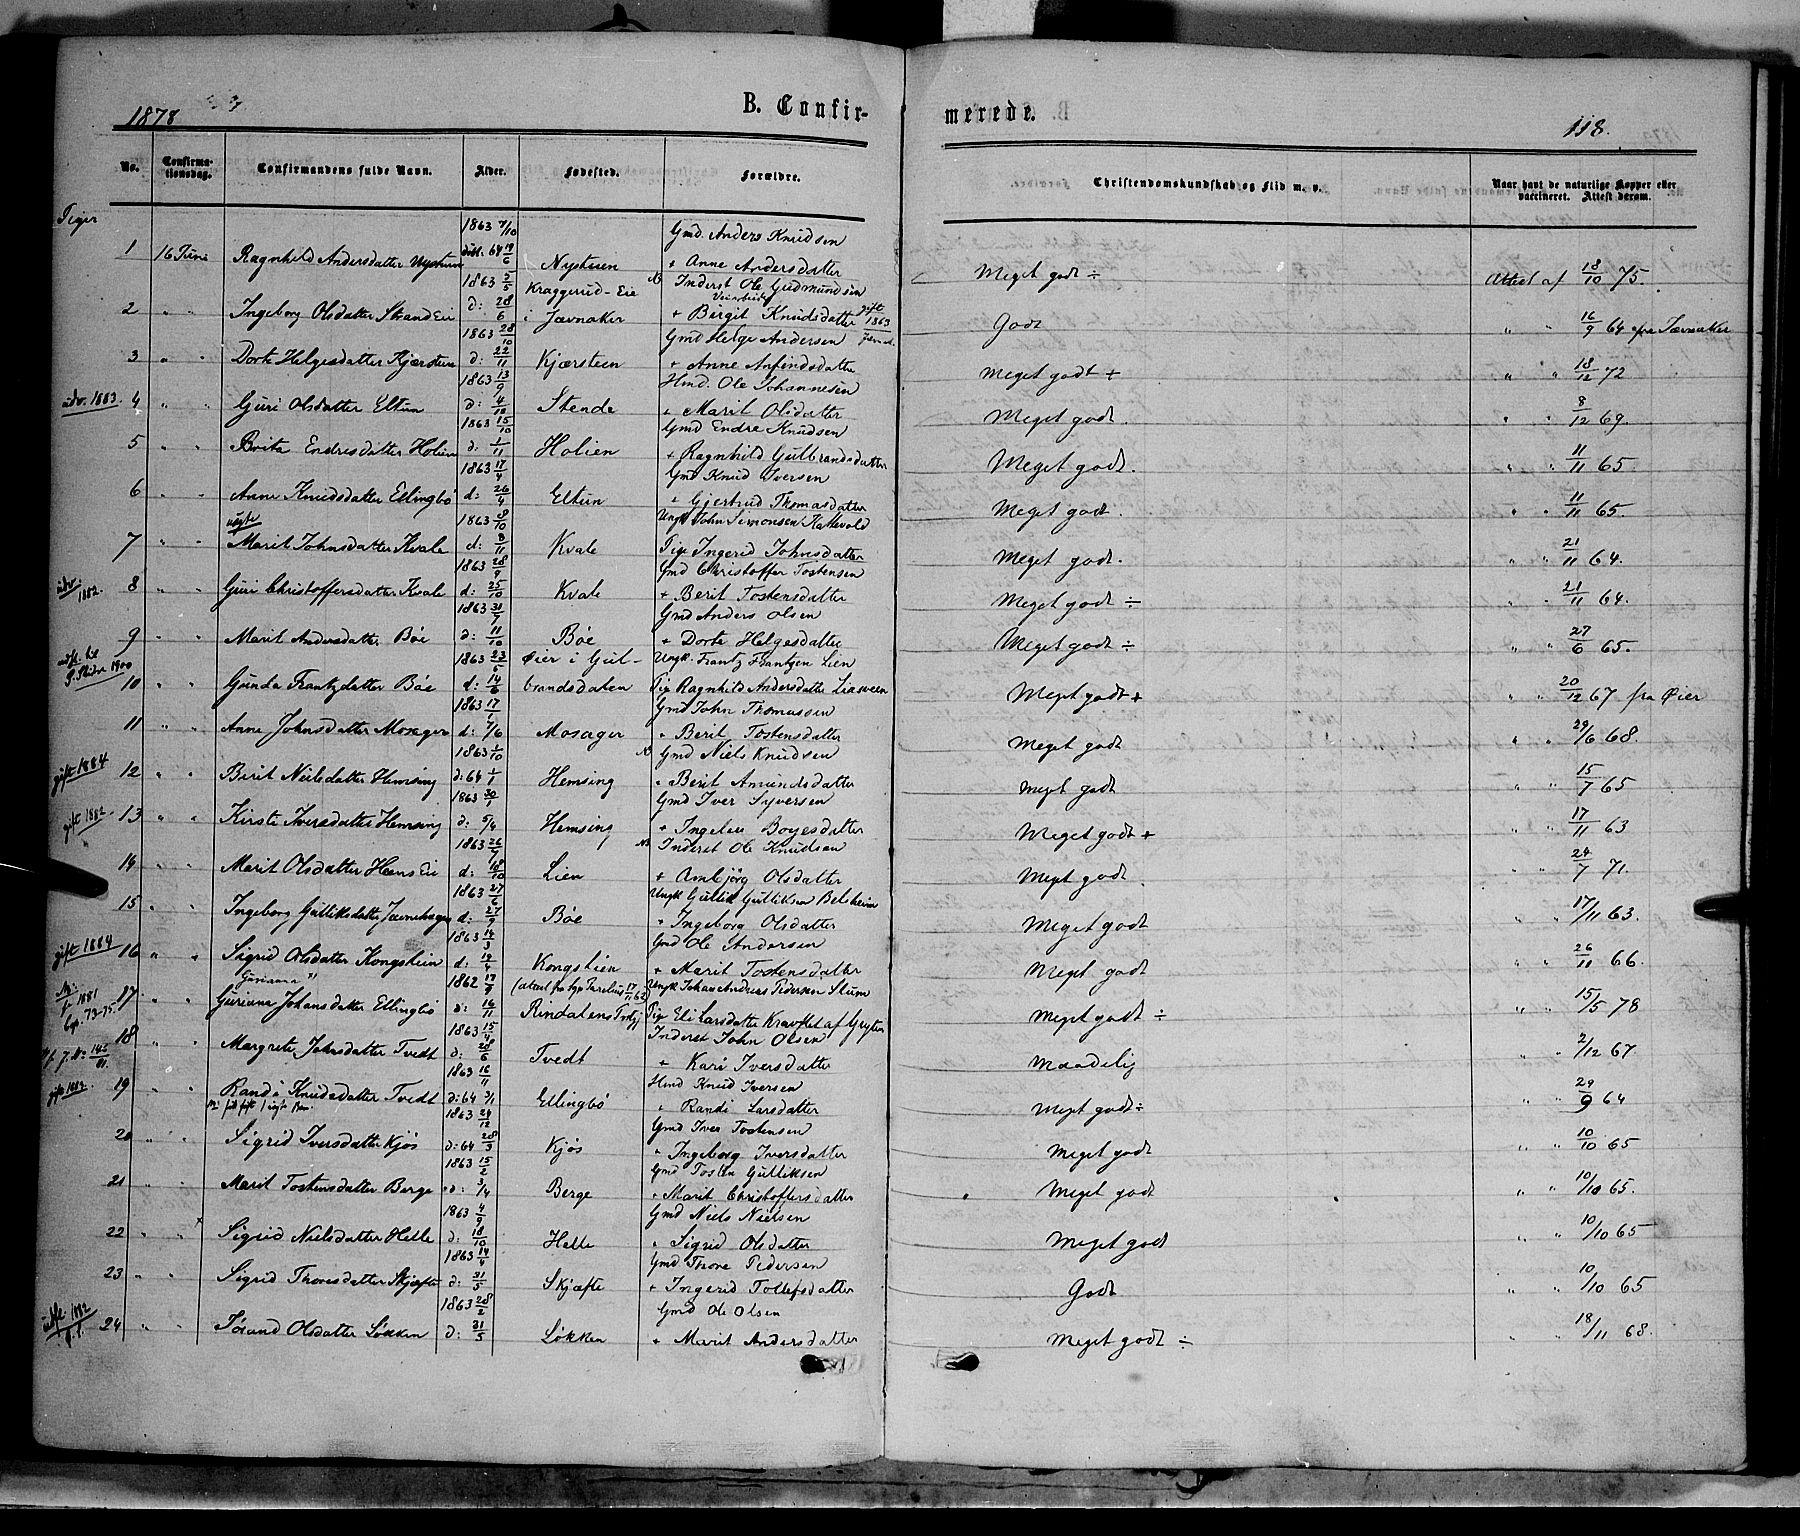 SAH, Vang prestekontor, Valdres, Ministerialbok nr. 7, 1865-1881, s. 118